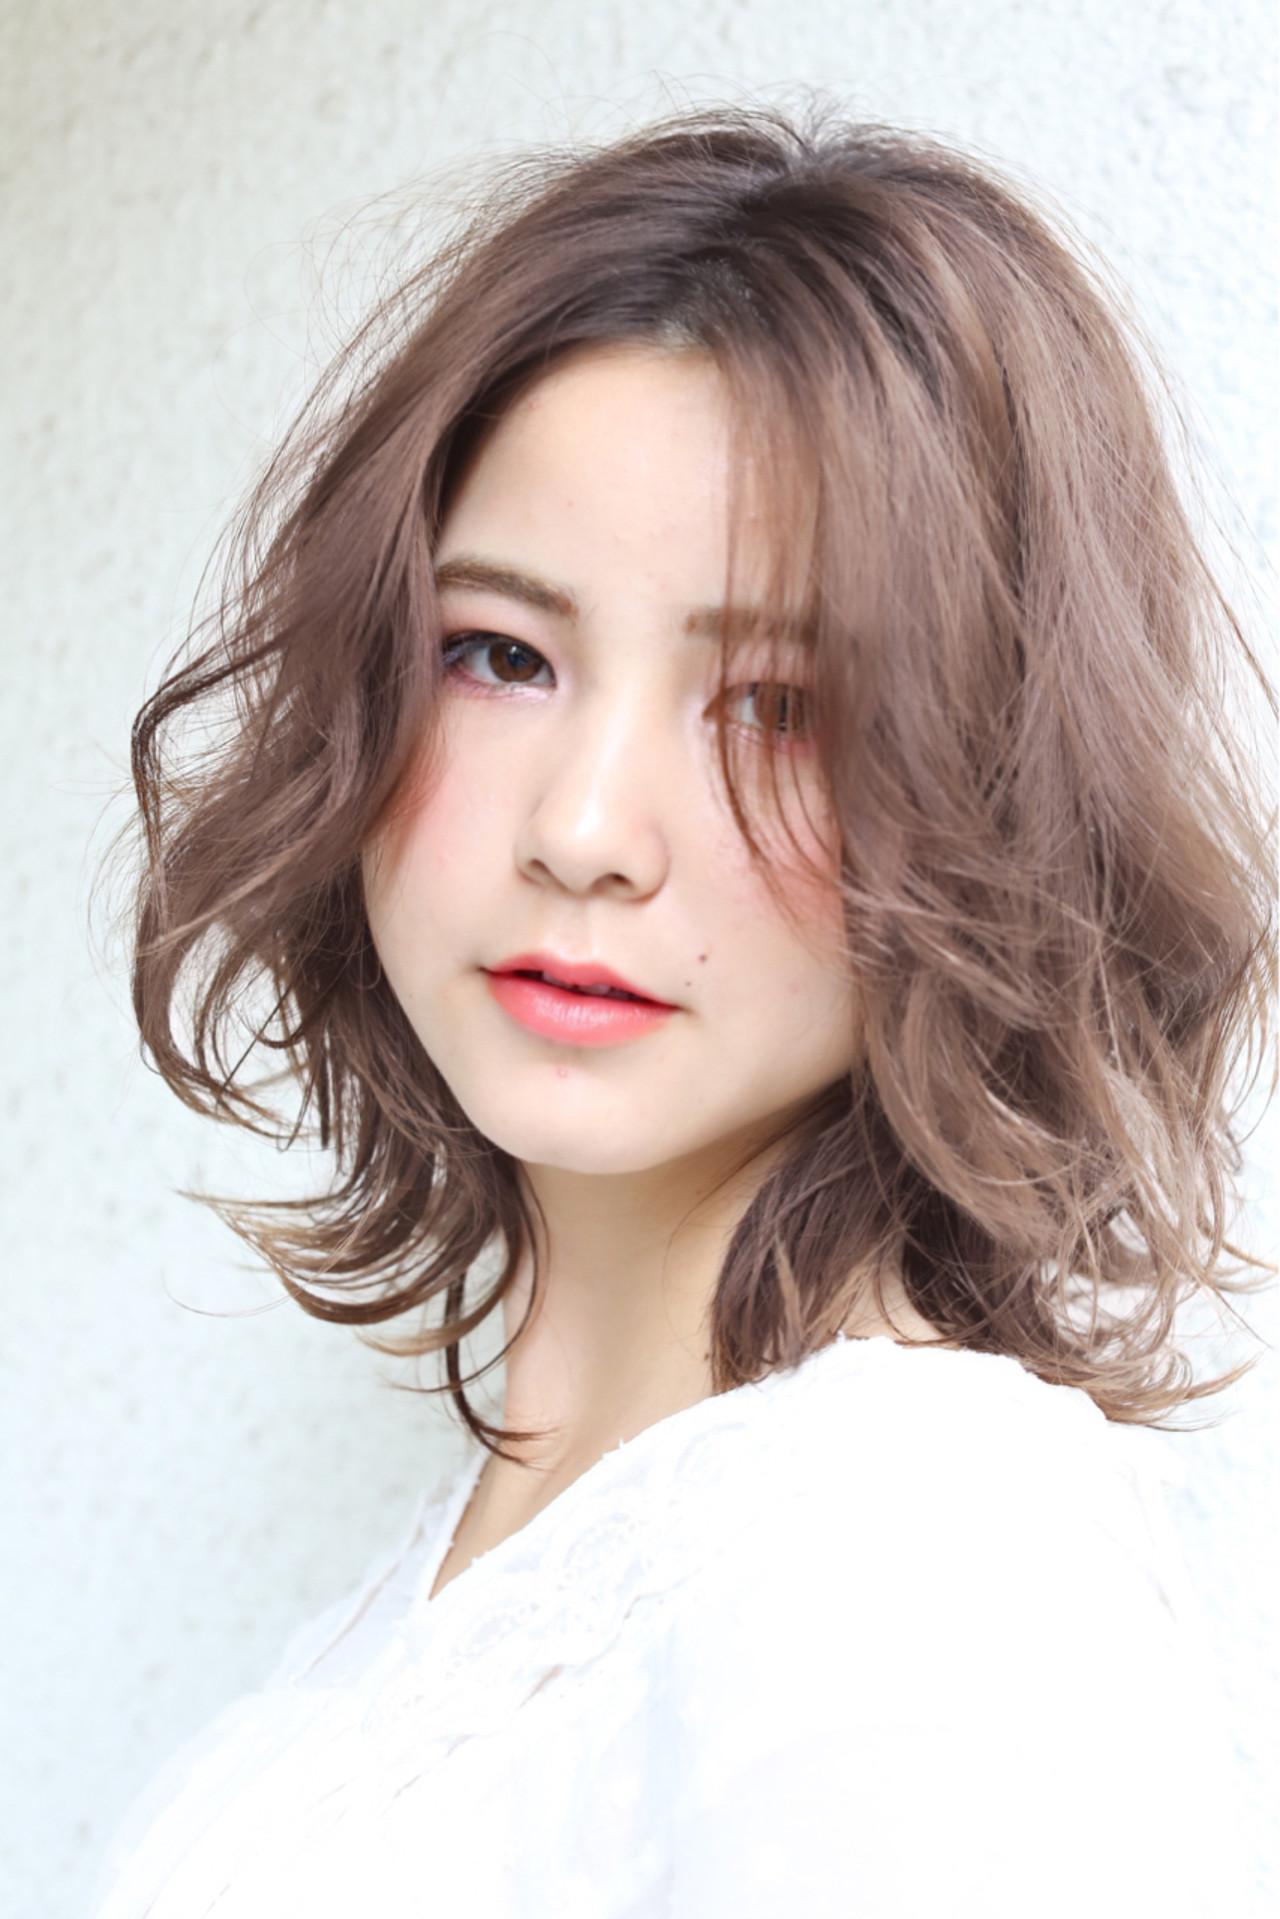 パーティ ミディアム 簡単 フェミニン ヘアスタイルや髪型の写真・画像 | 渡部幸也 / ELLA